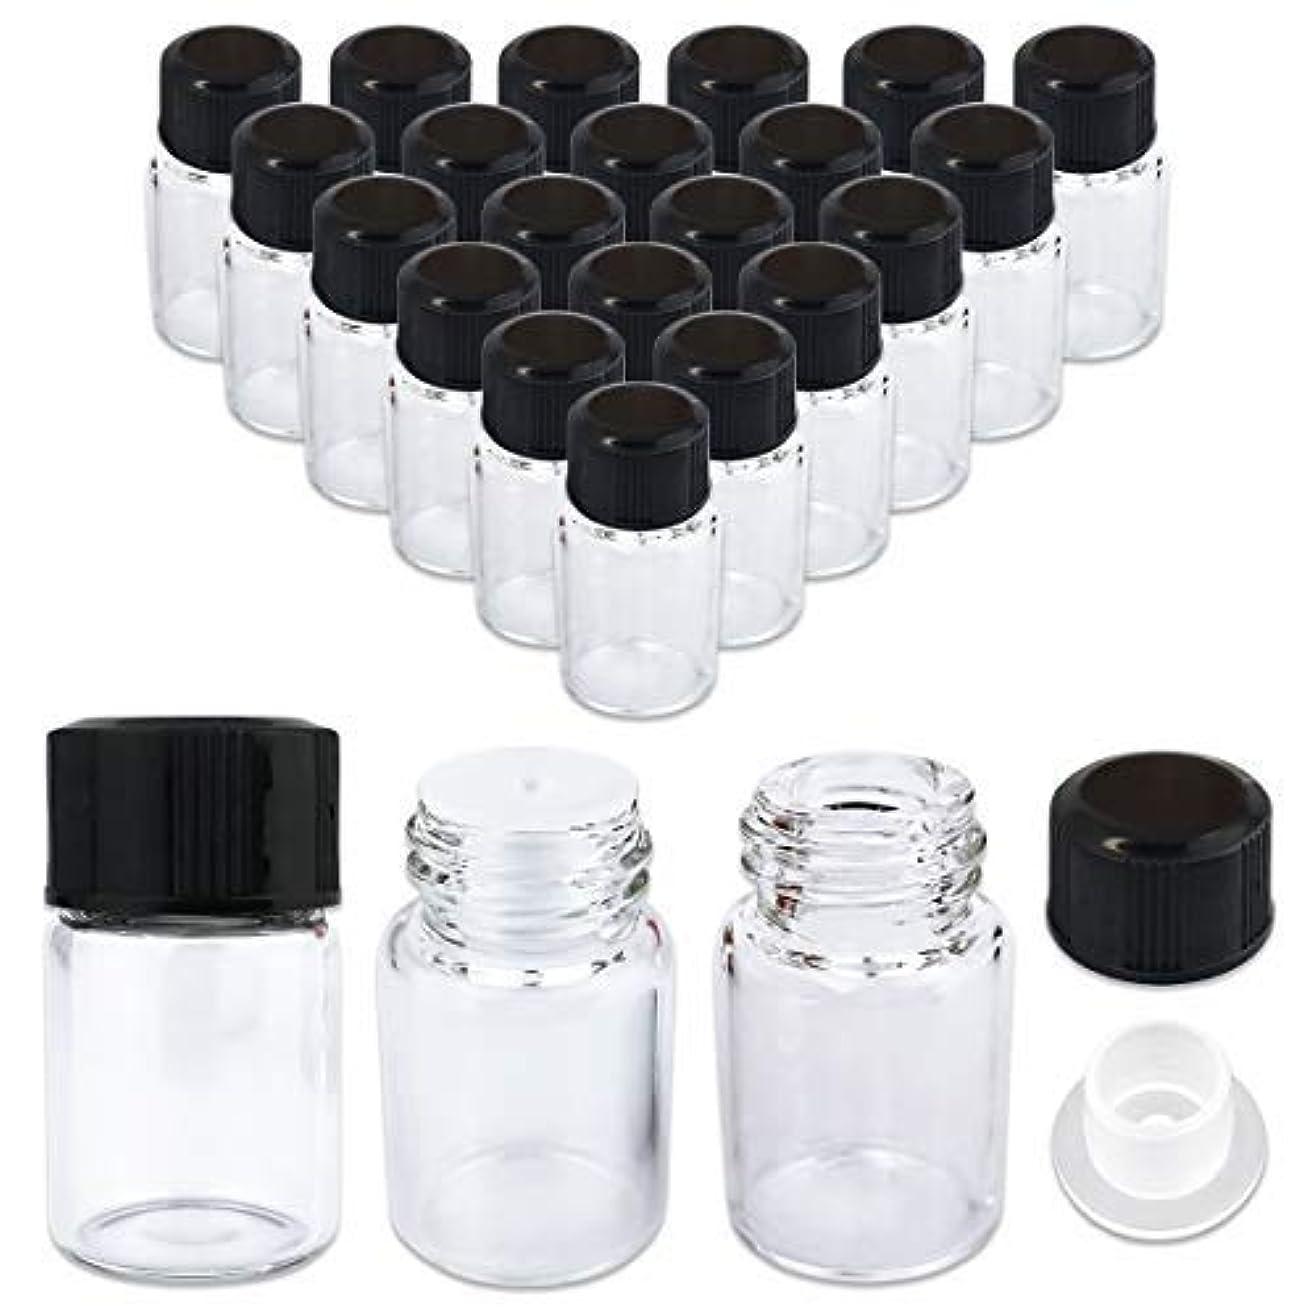 材料賛美歌アンテナ24 Packs Beauticom 2ML Clear Glass Vial for Essential Oils, Aromatherapy, Fragrance, Serums, Spritzes, with Orifice Reducer and Dropper Top [並行輸入品]